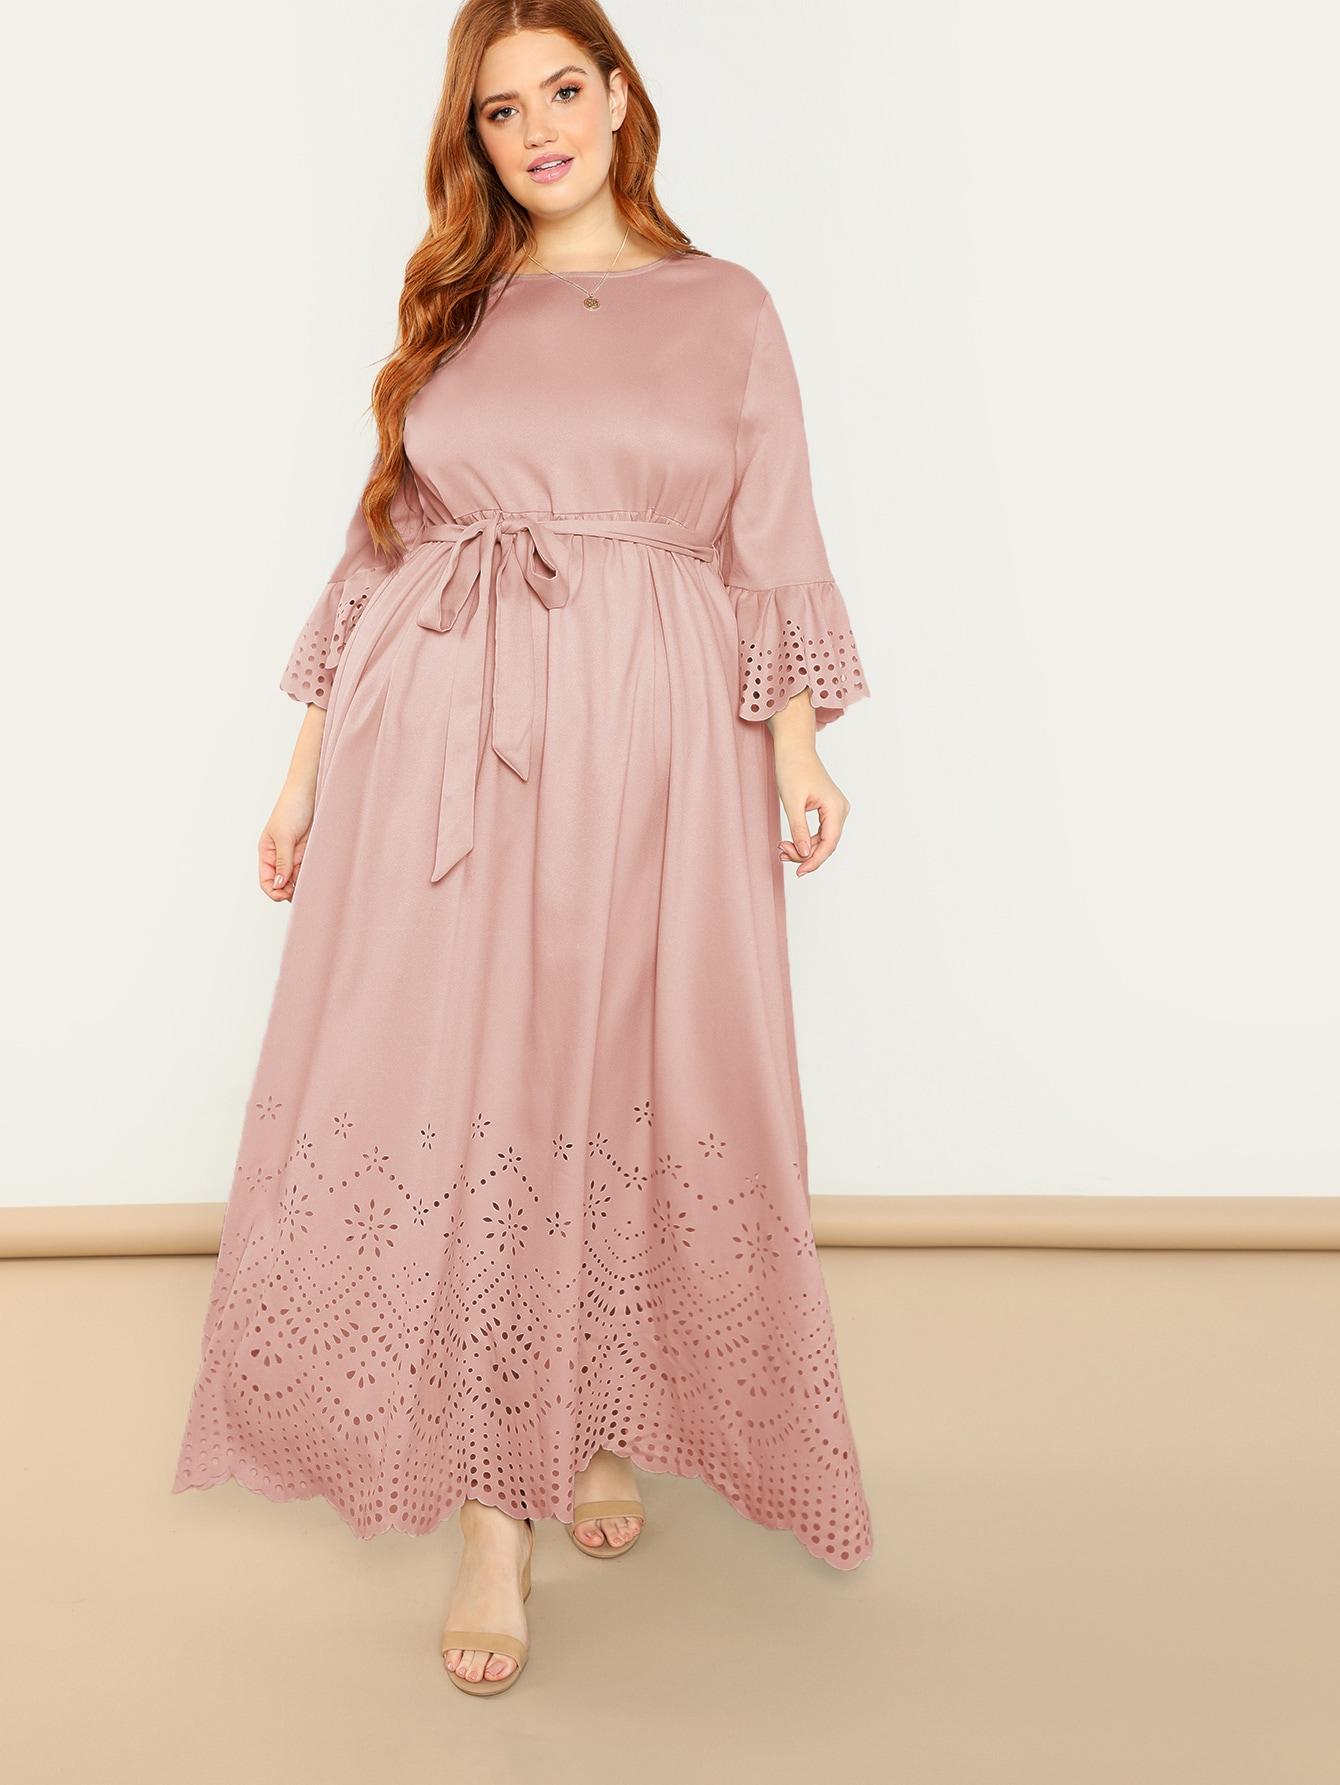 40f678713be1f Plus Scallop Edge Laser Cut Self Belted Dress, Bree Kish - shein.com -  imall.com